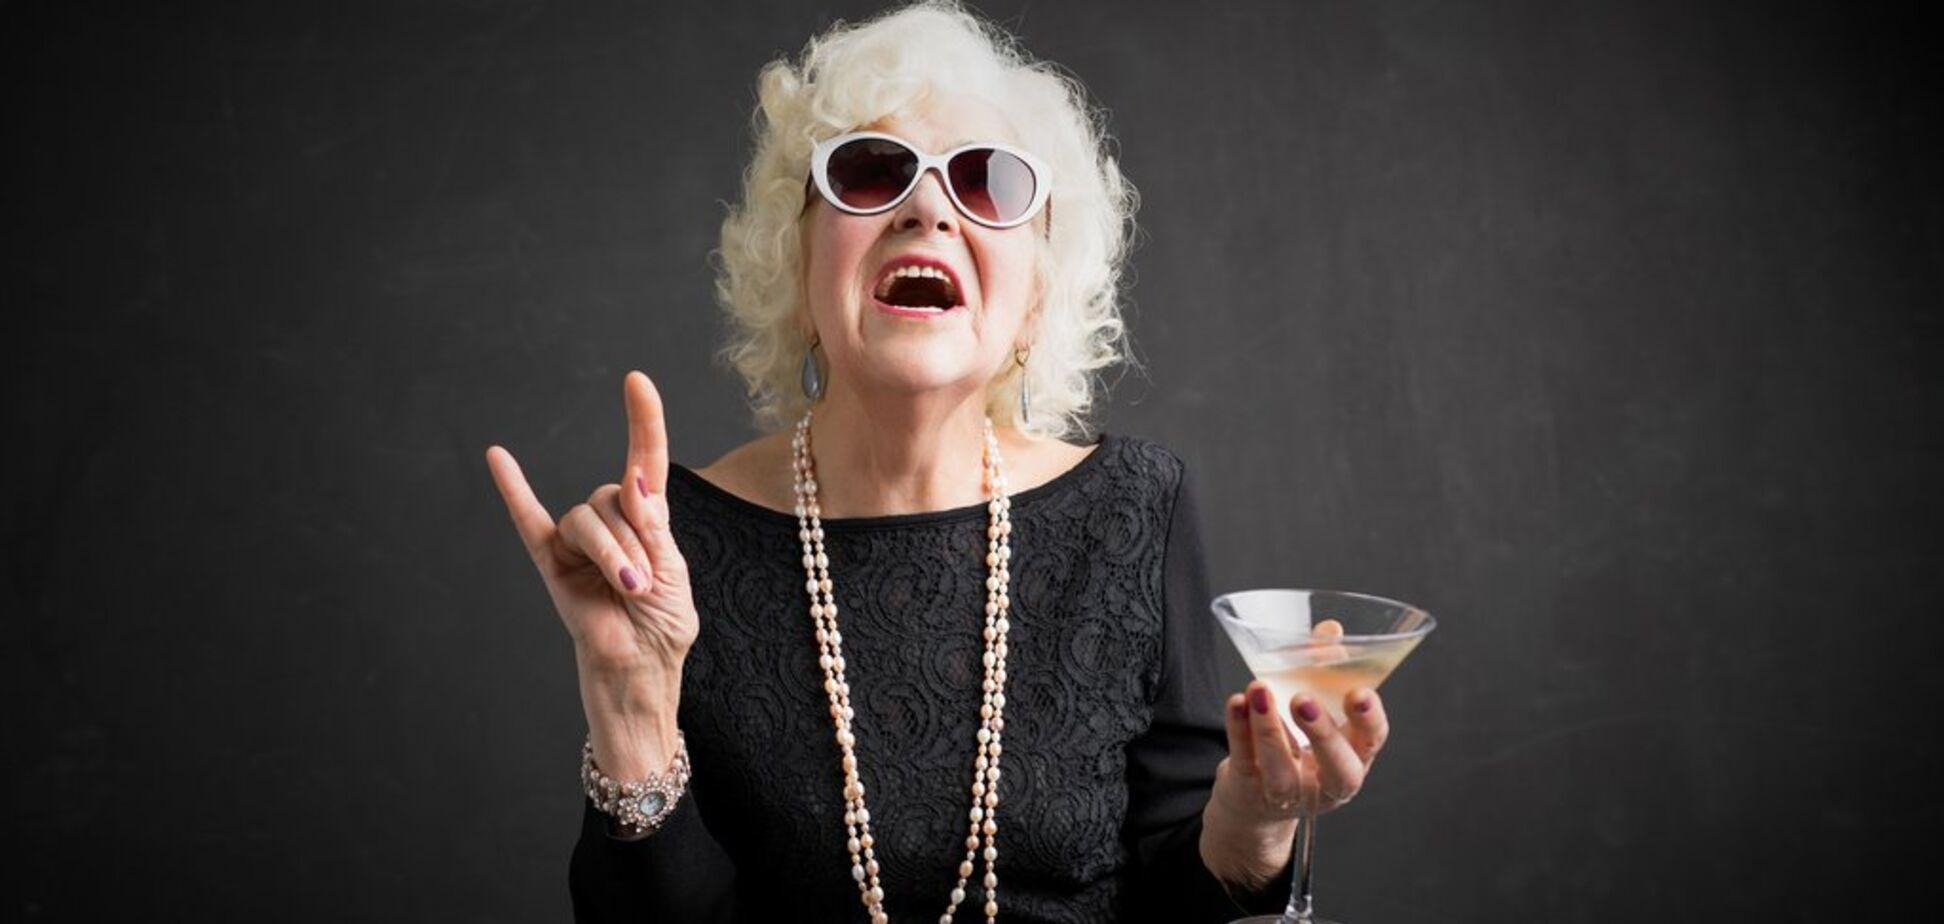 С каким алкоголем вас ассоциируют? Психологический тест